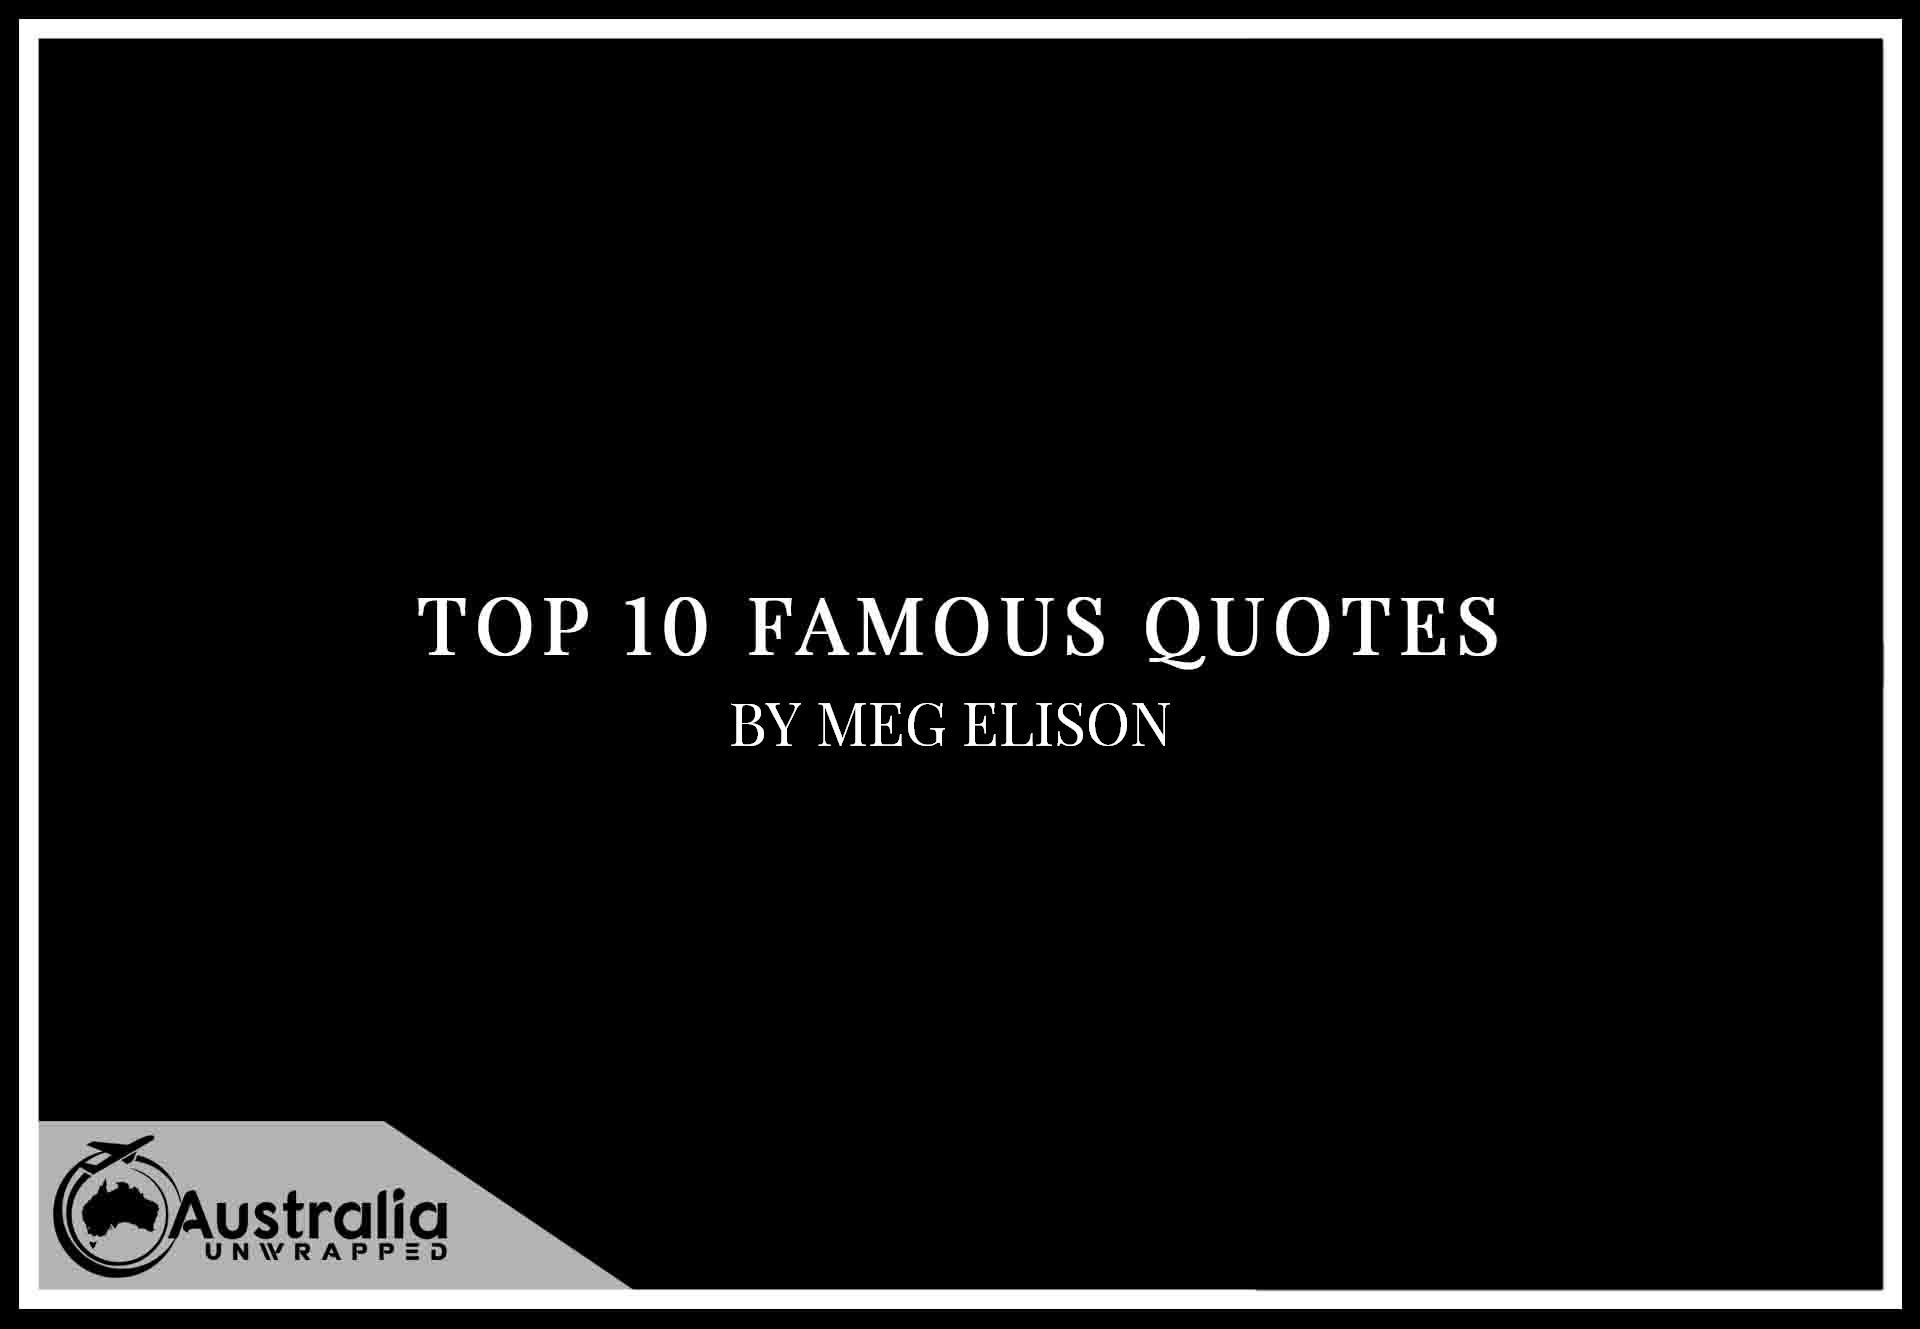 Top 10 Famous Quotes by Author Meg Elison